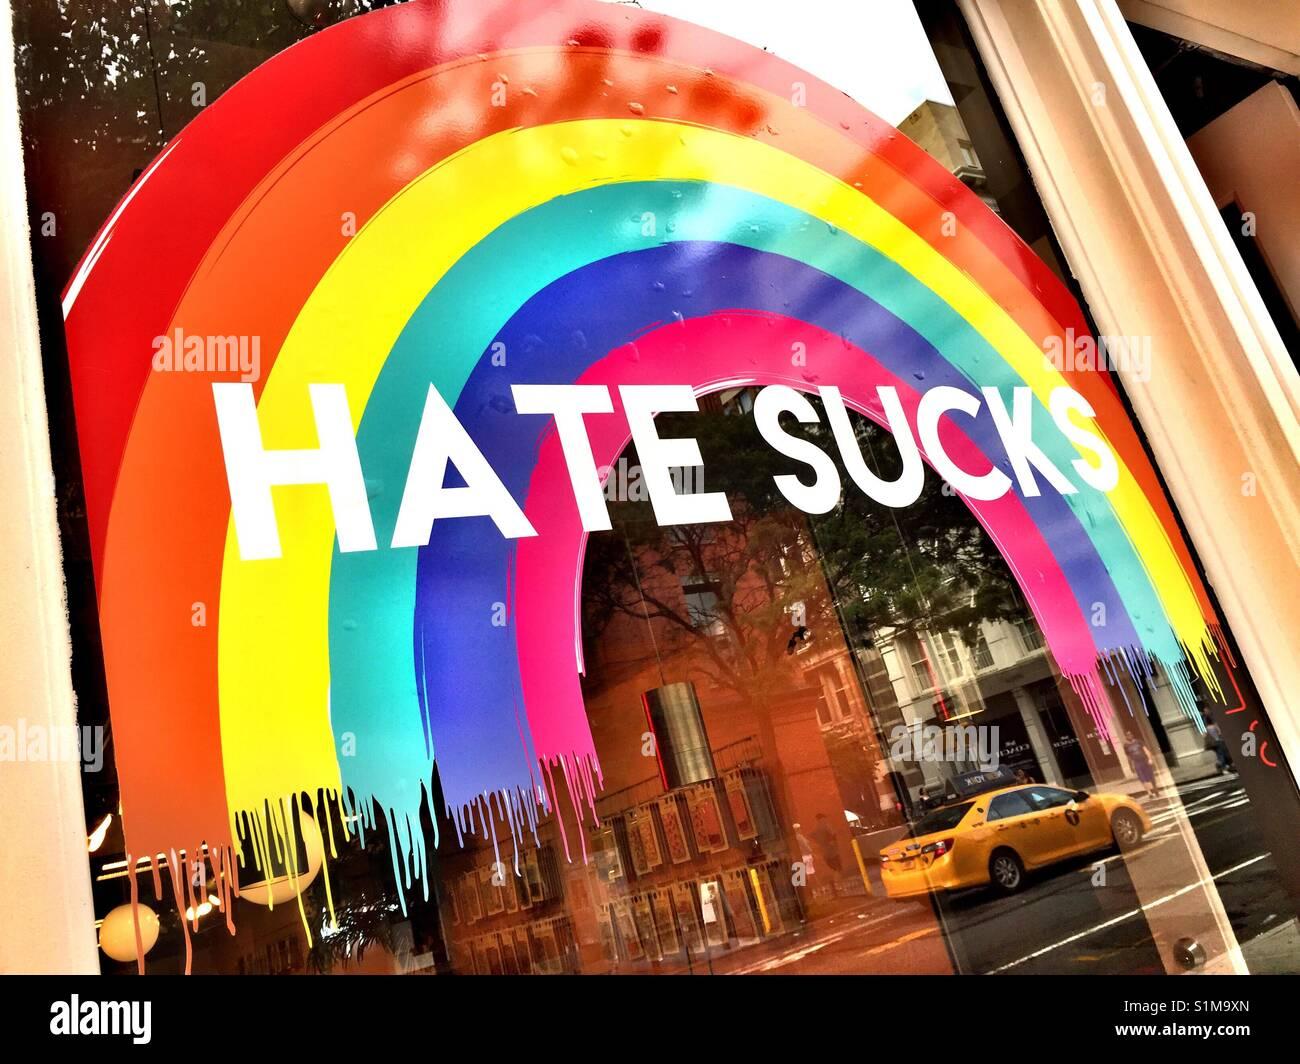 Odio aspira e rainbow segno sulla finestra del negozio, NYC, STATI UNITI D'AMERICA Immagini Stock